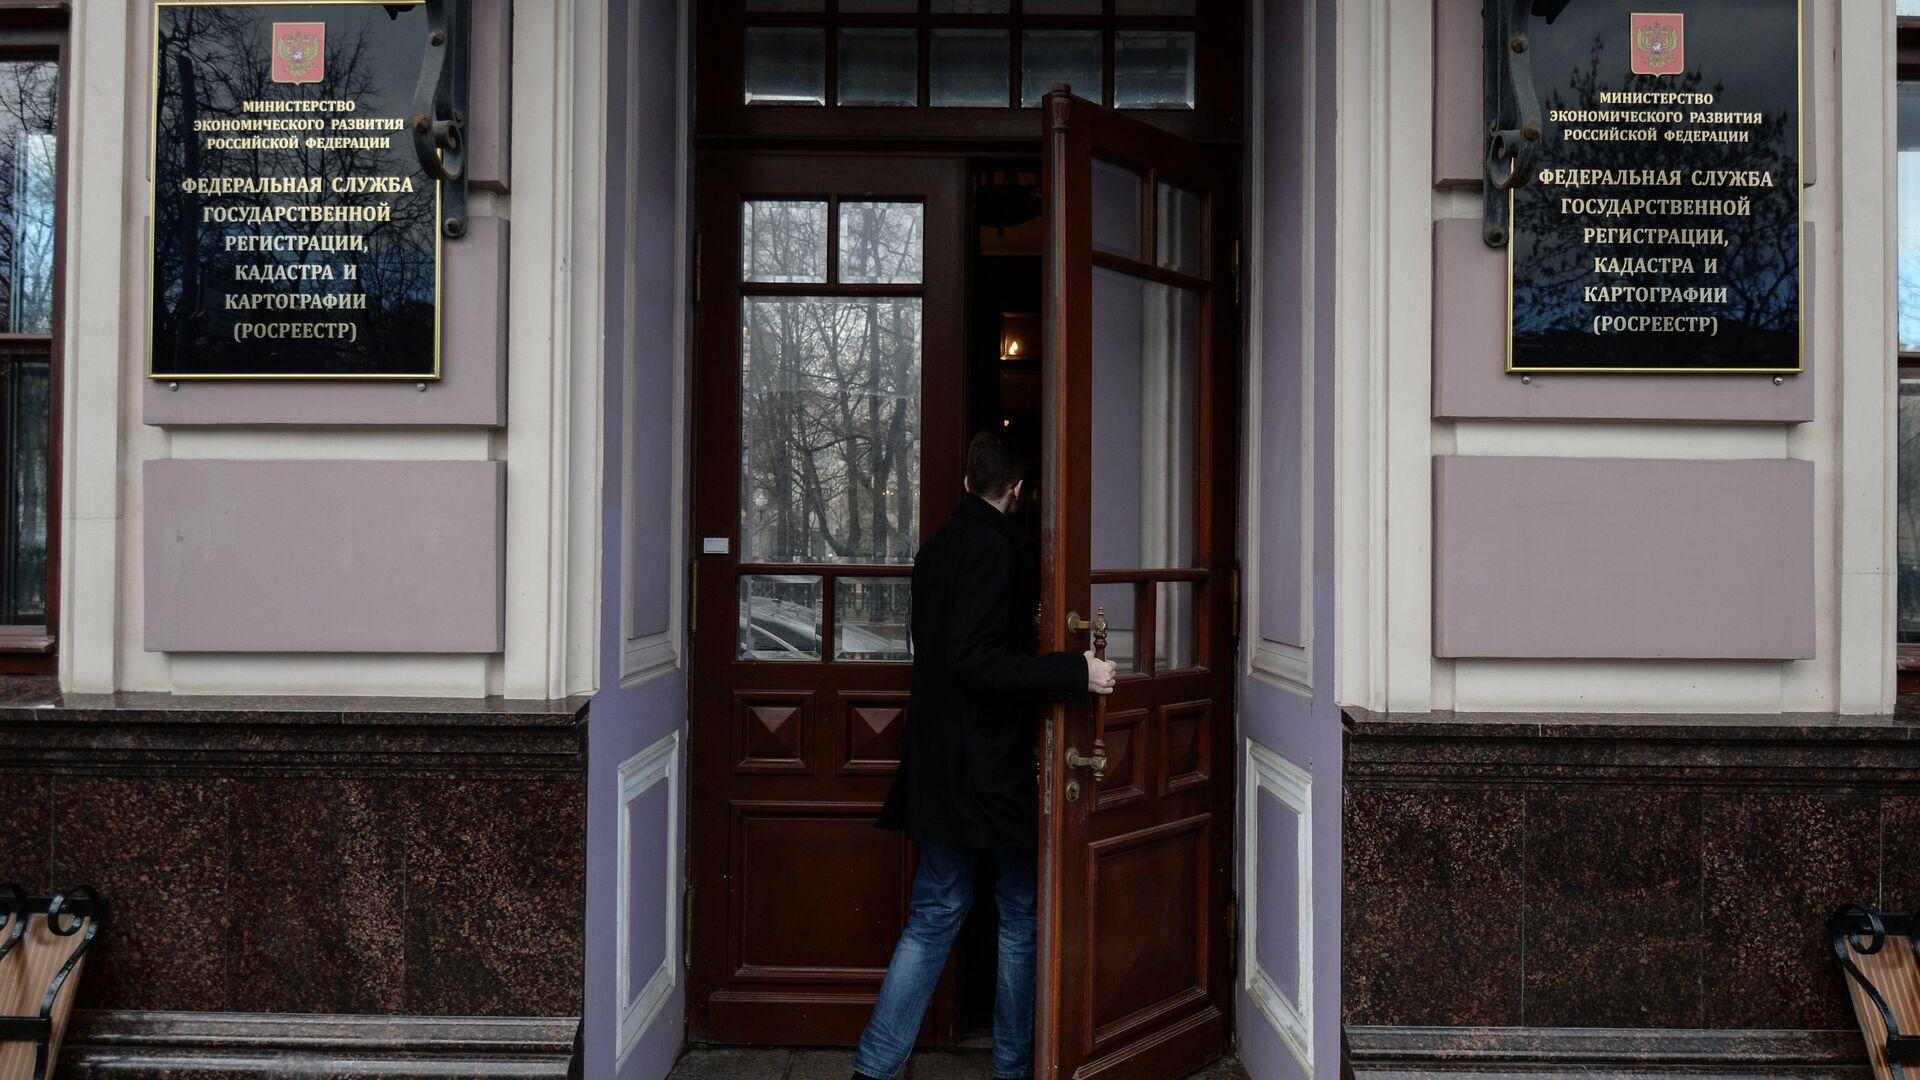 Главный вход в здание Росреестра в Москве - РИА Новости, 1920, 22.03.2021